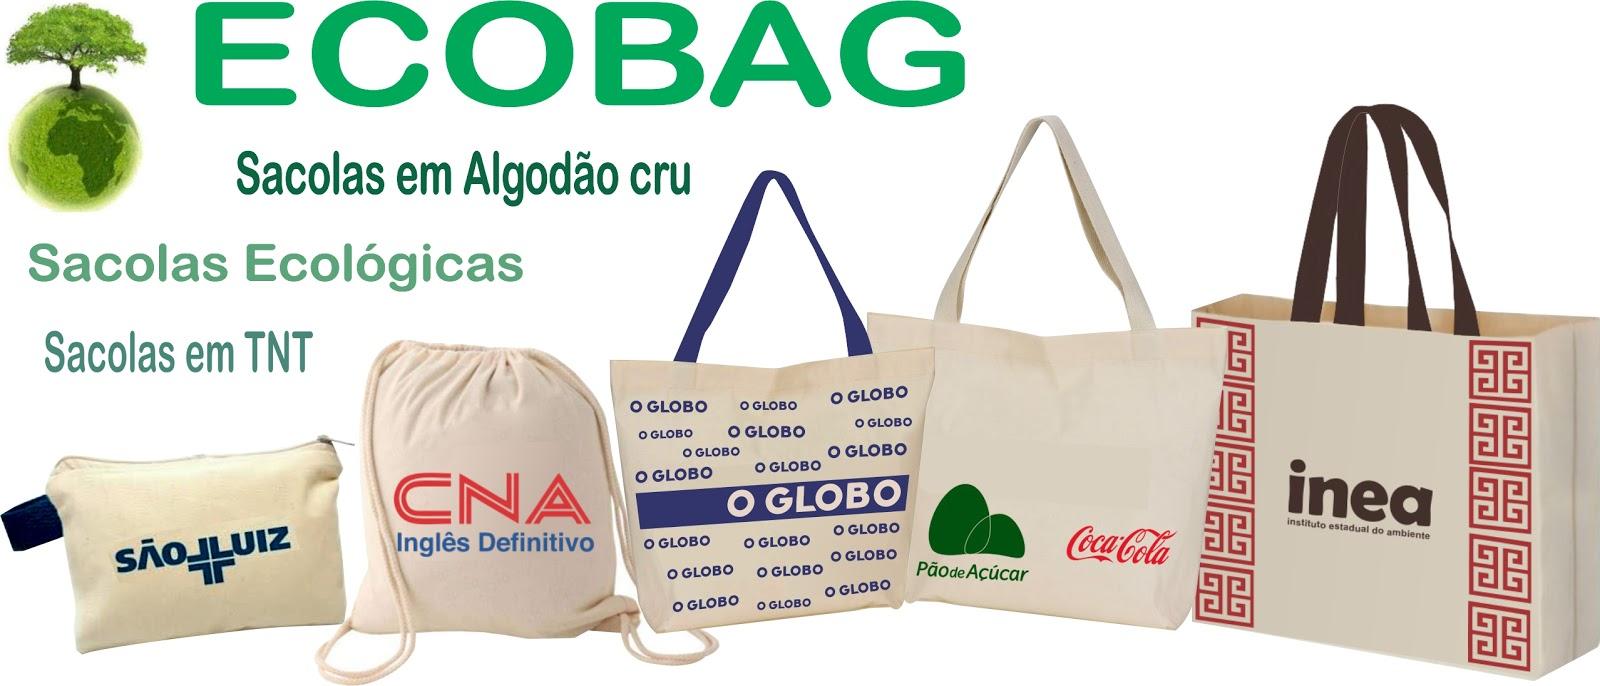 c06431240 Ecobag - Sacolas Ecológicas 81 9 8547-0187: 2015